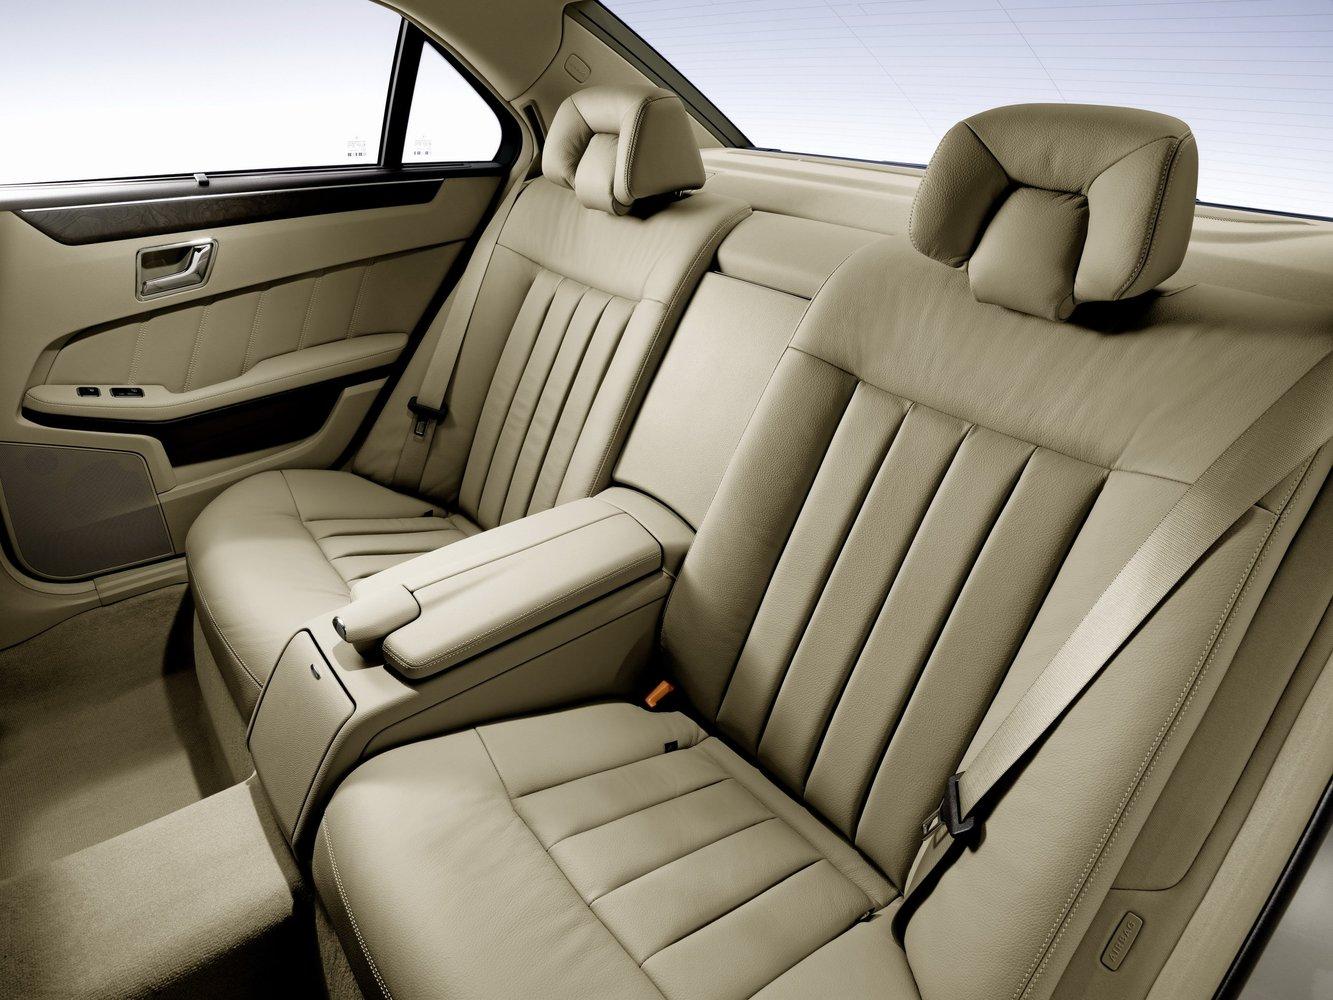 В автомобиле mercedes c-class перетянуты 2 передних сиденья, задний диван с подлокотником, все подголовники